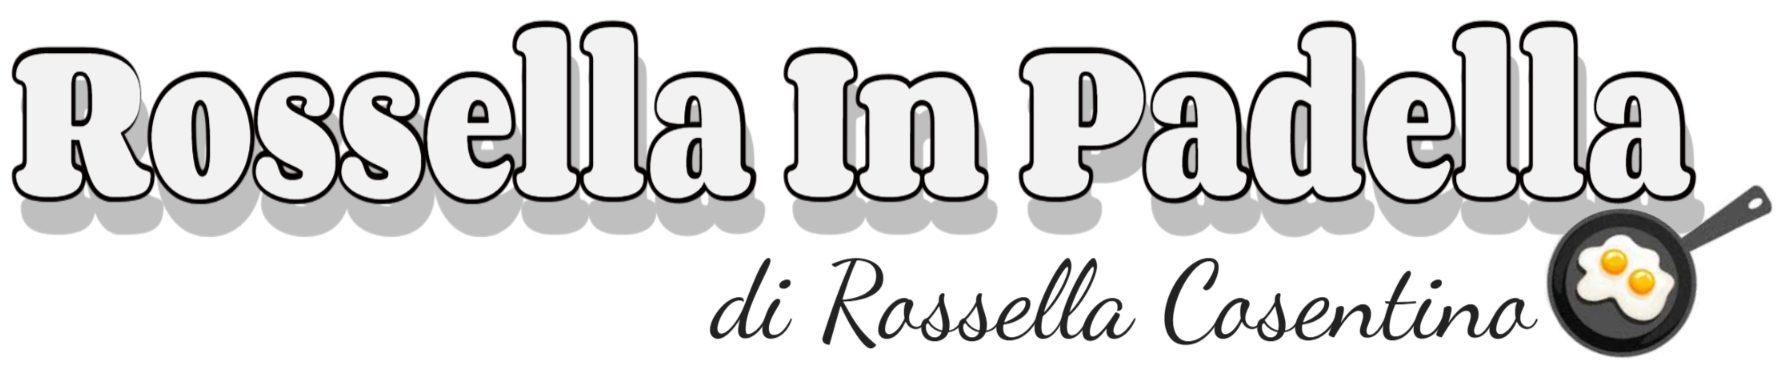 Rossella In Padella